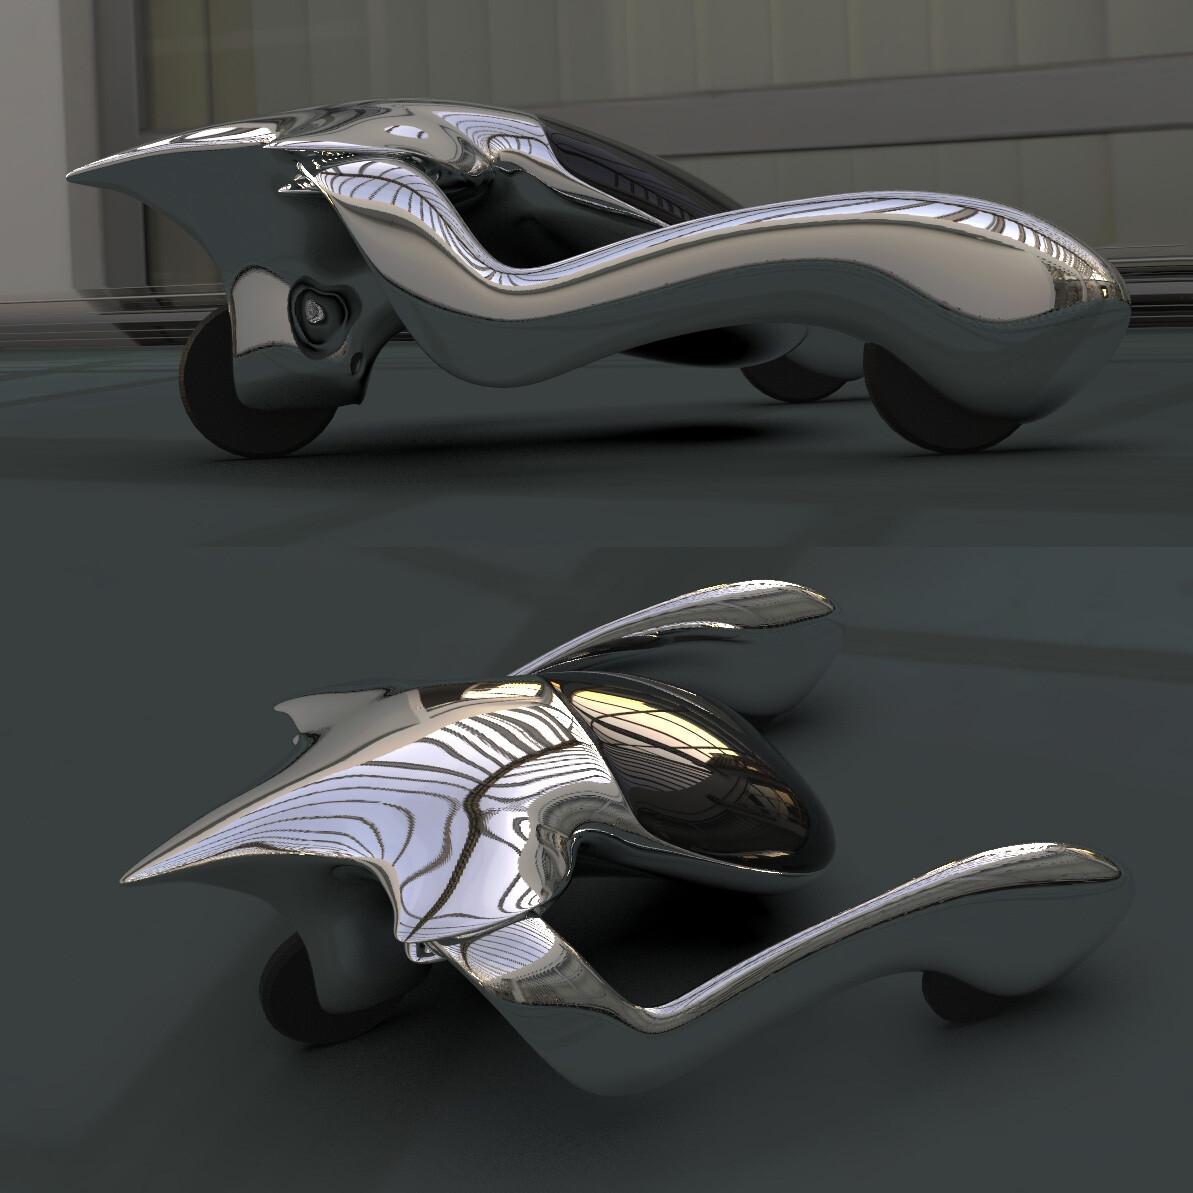 Dirk wachsmuth trike concept art 03